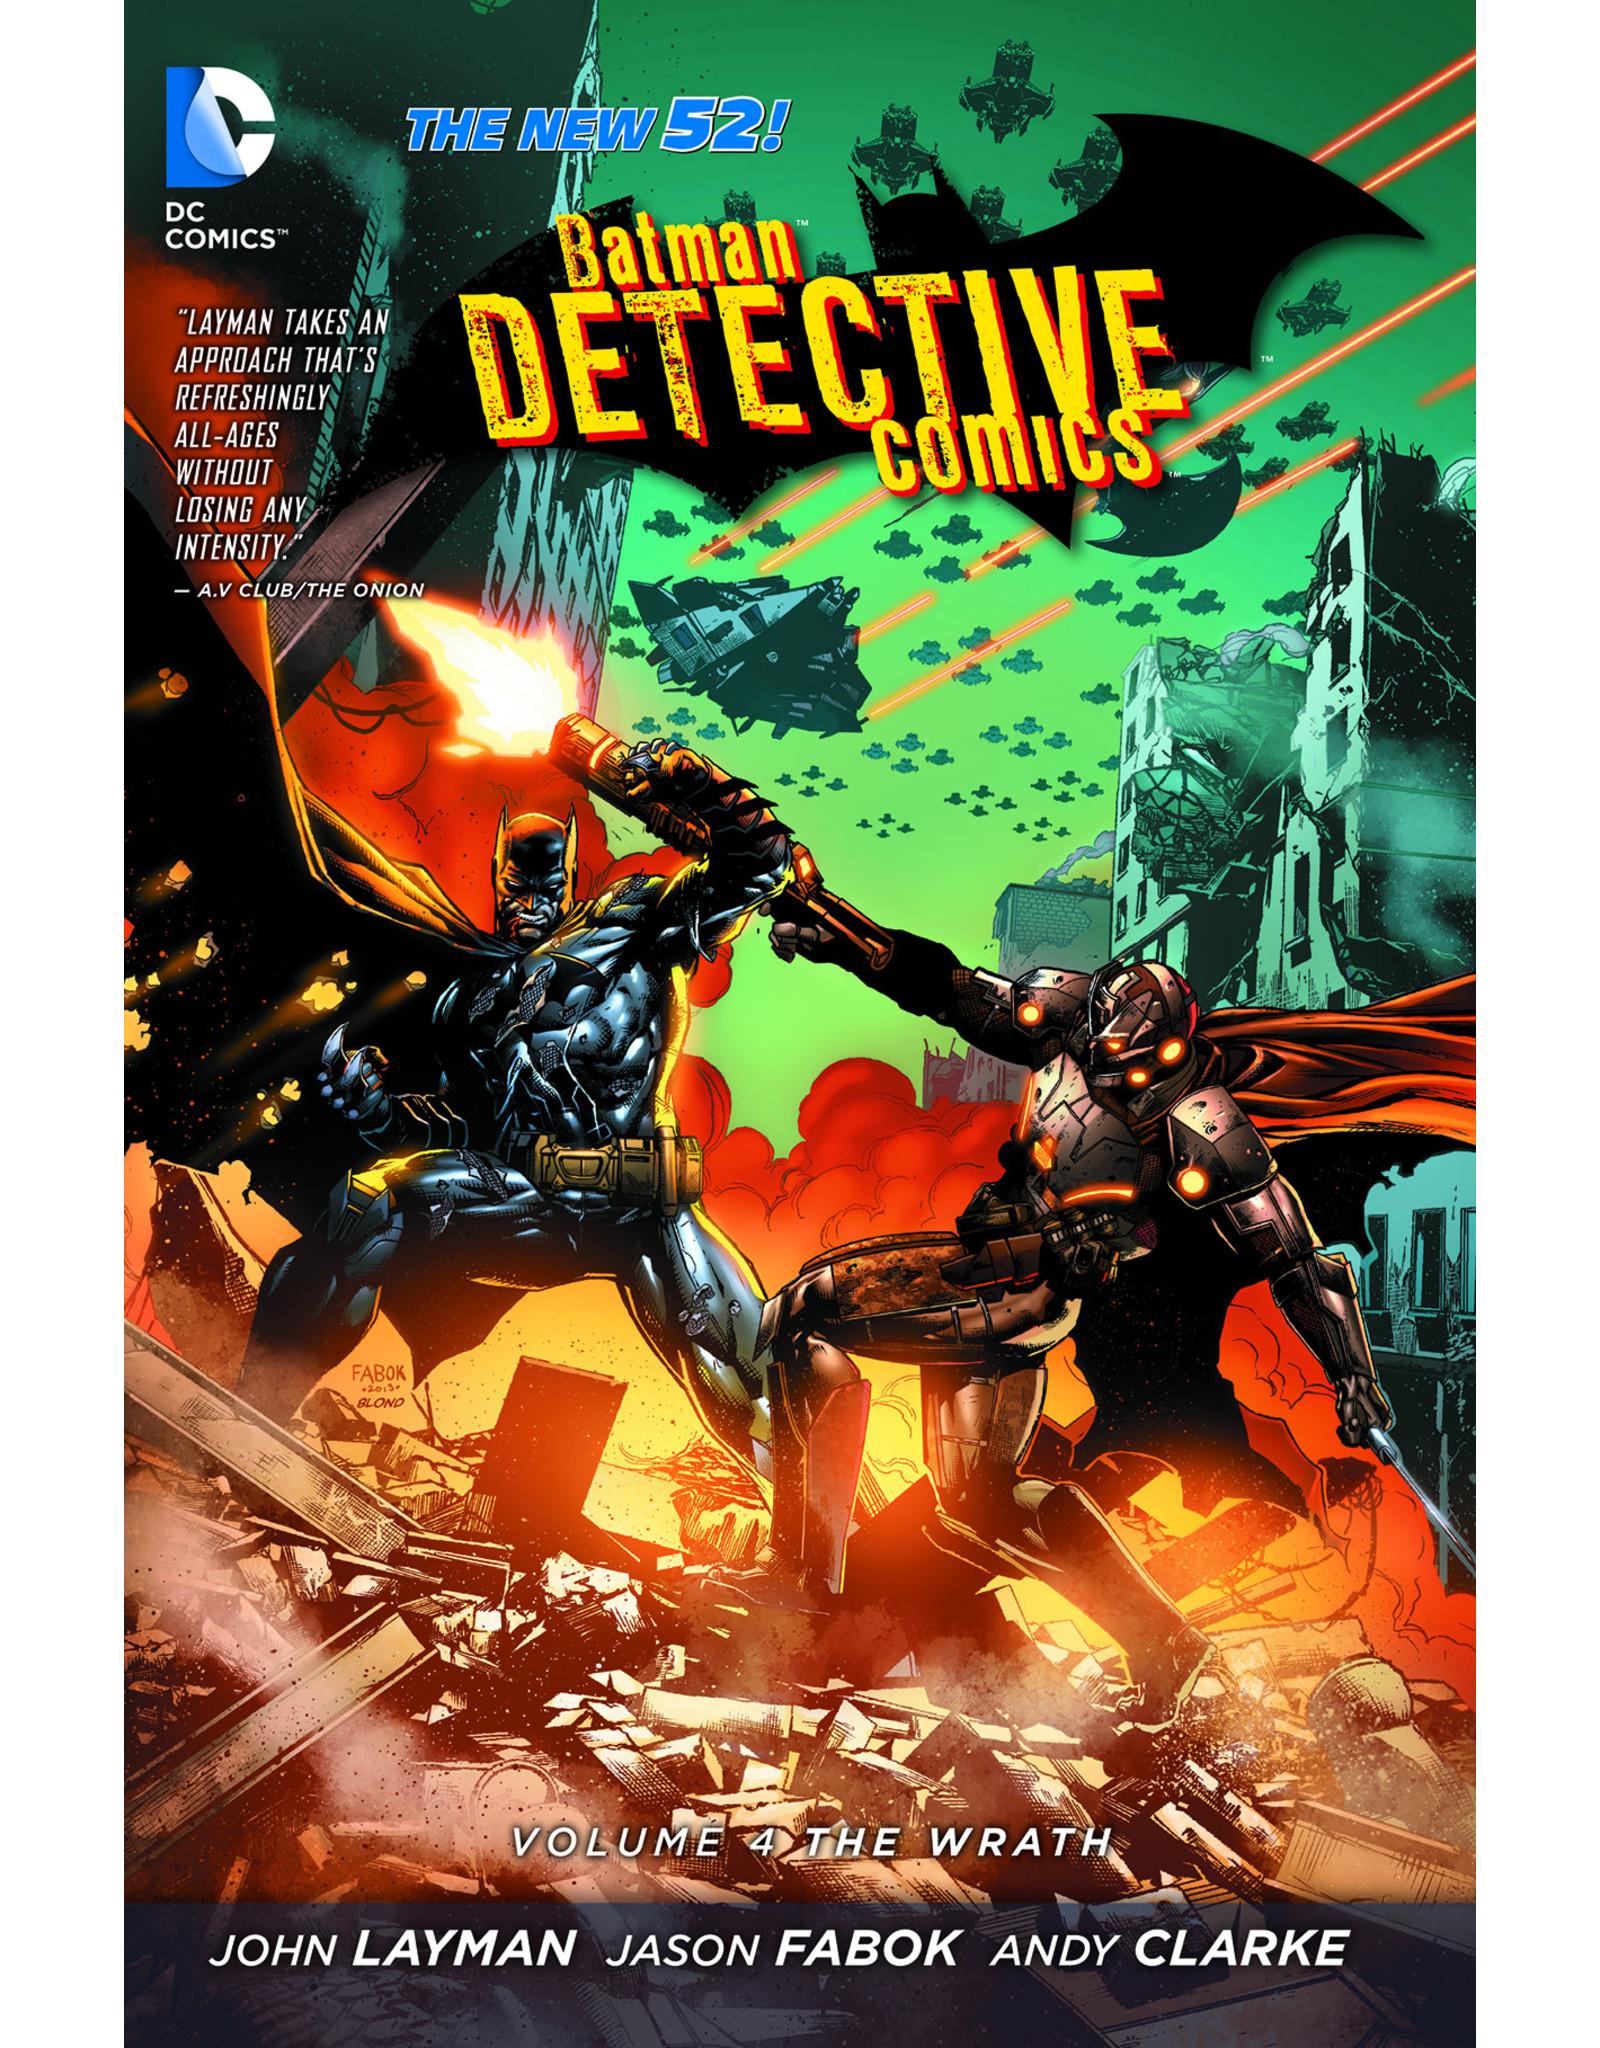 DC COMICS BATMAN DETECTIVE COMICS TP VOL 04 THE WRATH